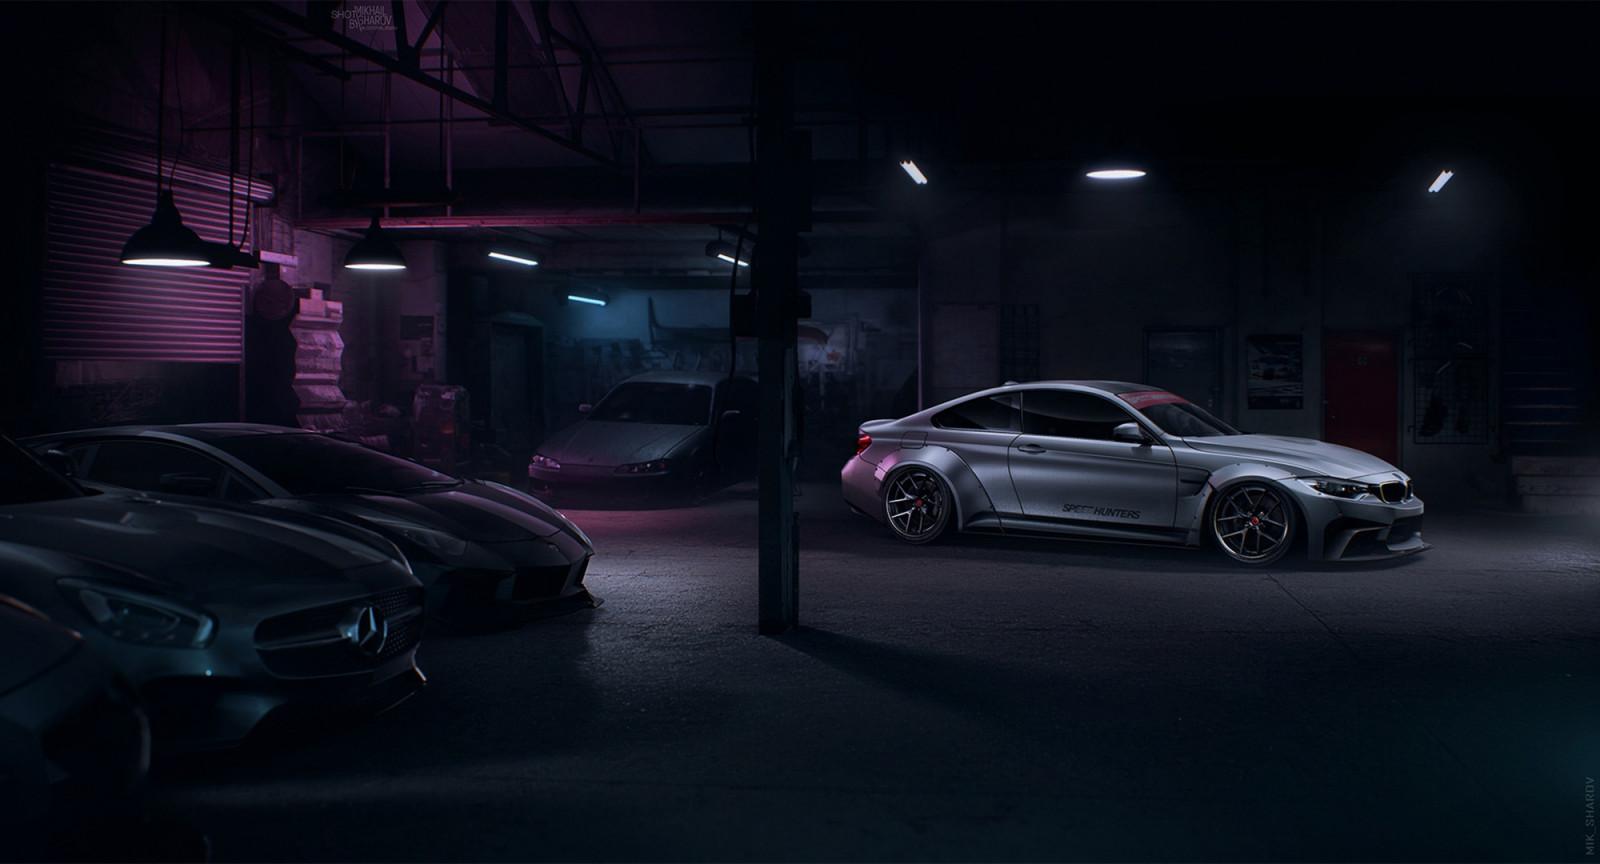 Wallpaper Dark Vehicle Car Bmw Mercedes Benz